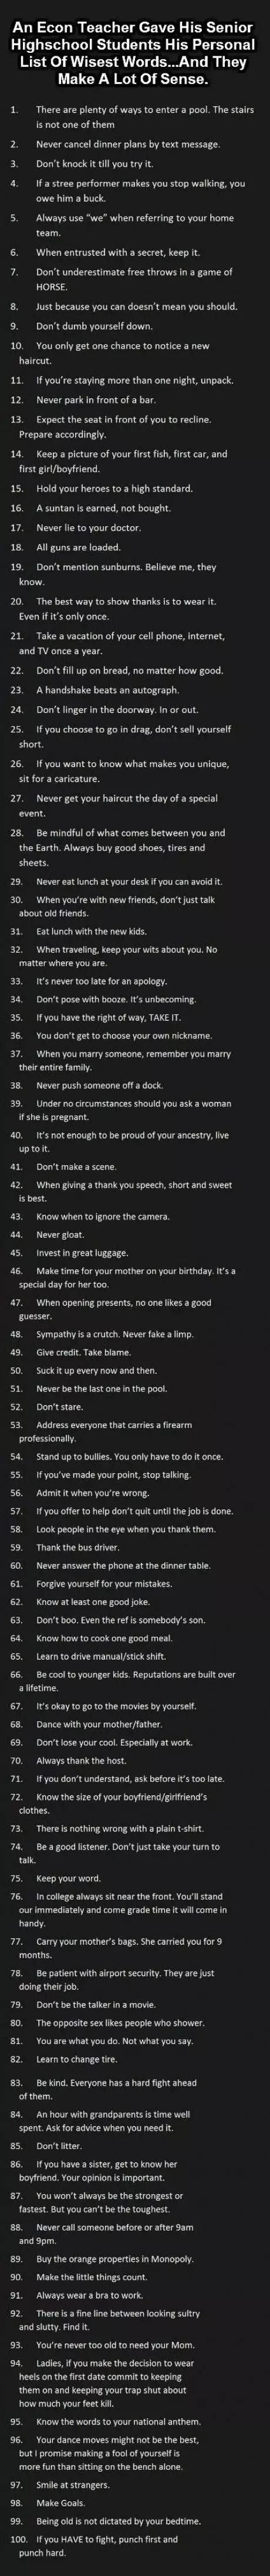 econ-teacher-personal-list-wisest-words-list